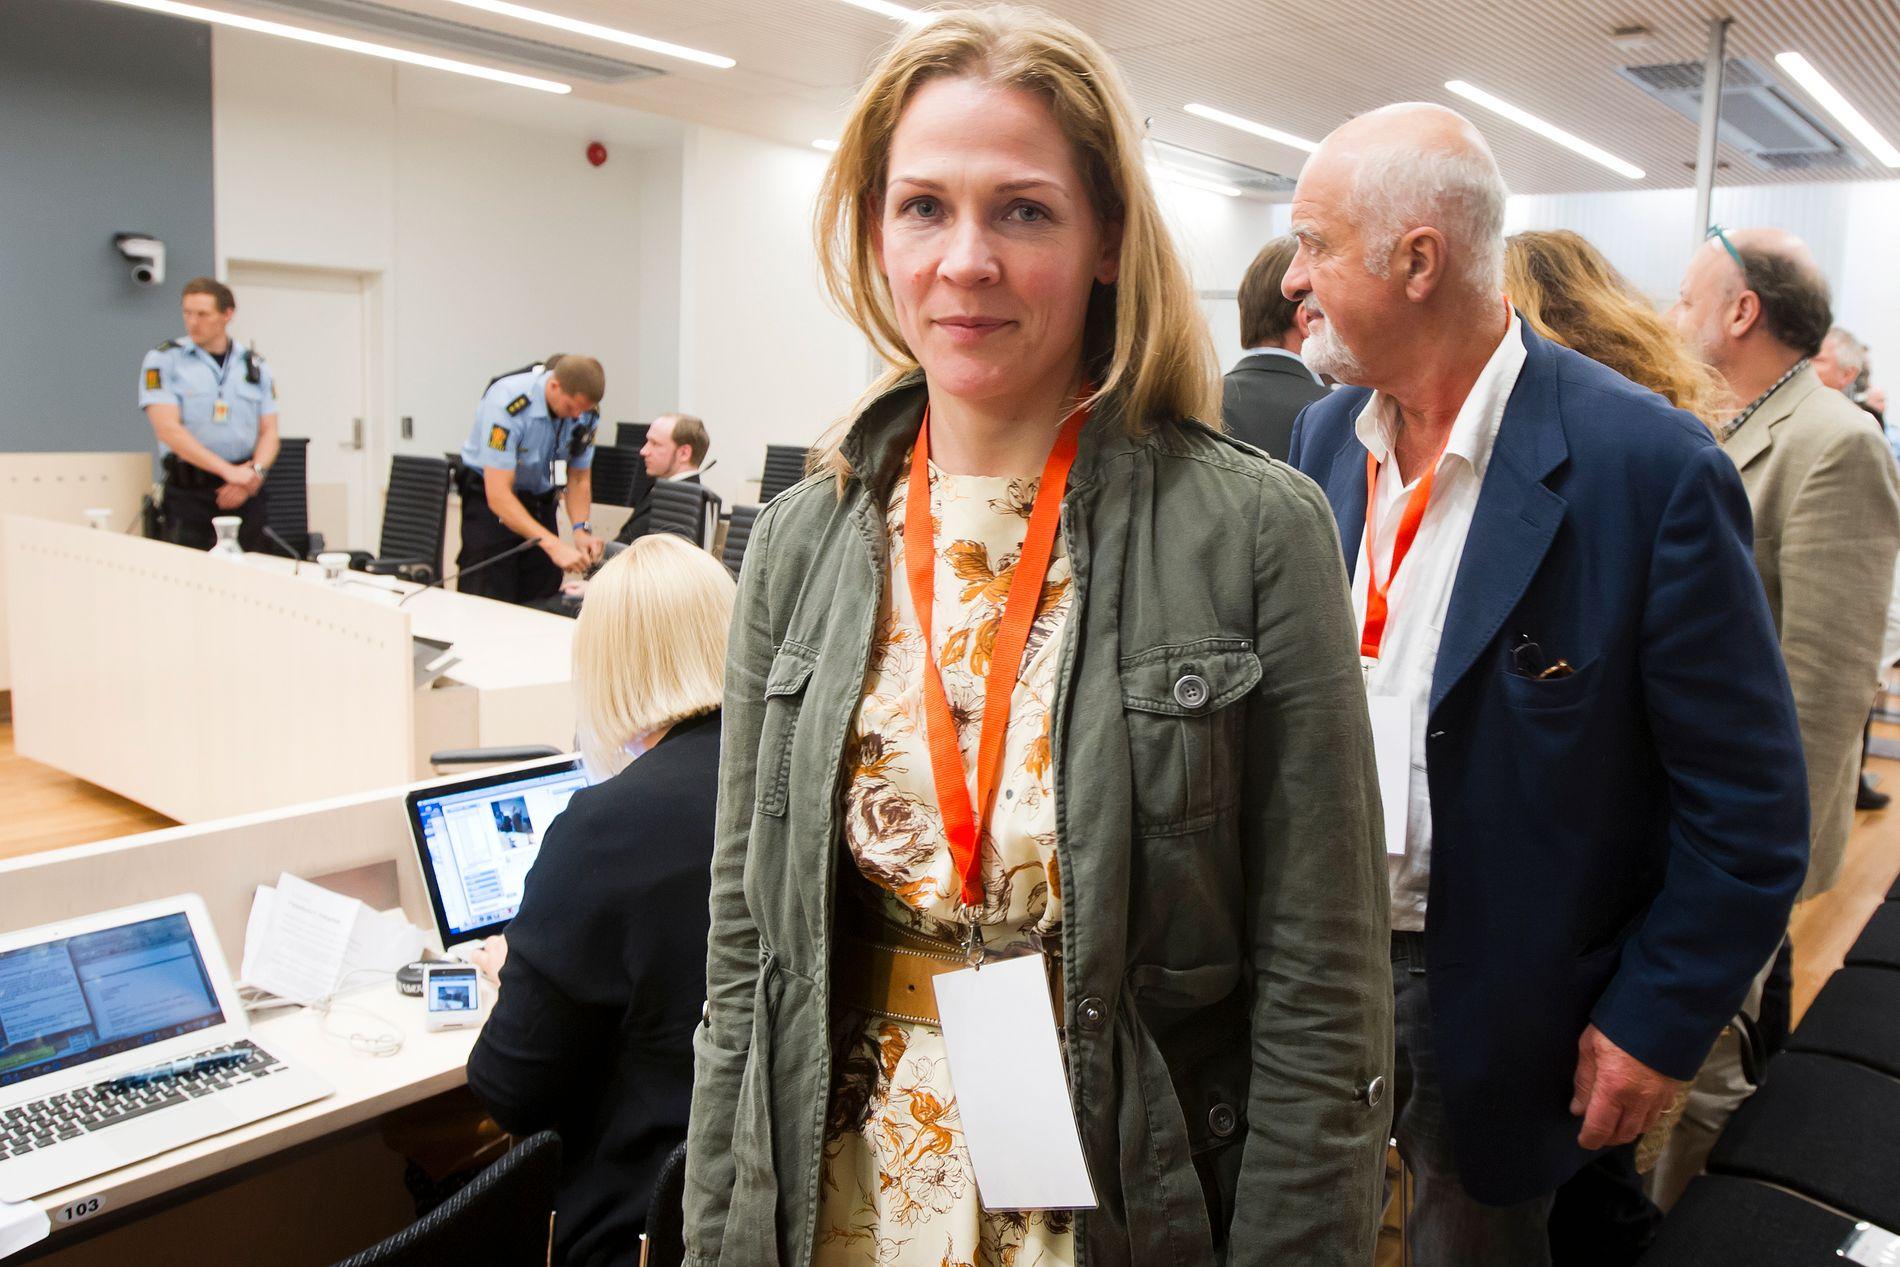 RETTSSAKEN: Åsne Seierstad fulgte rettssaken mot Anders Behring Breivik i 2012.